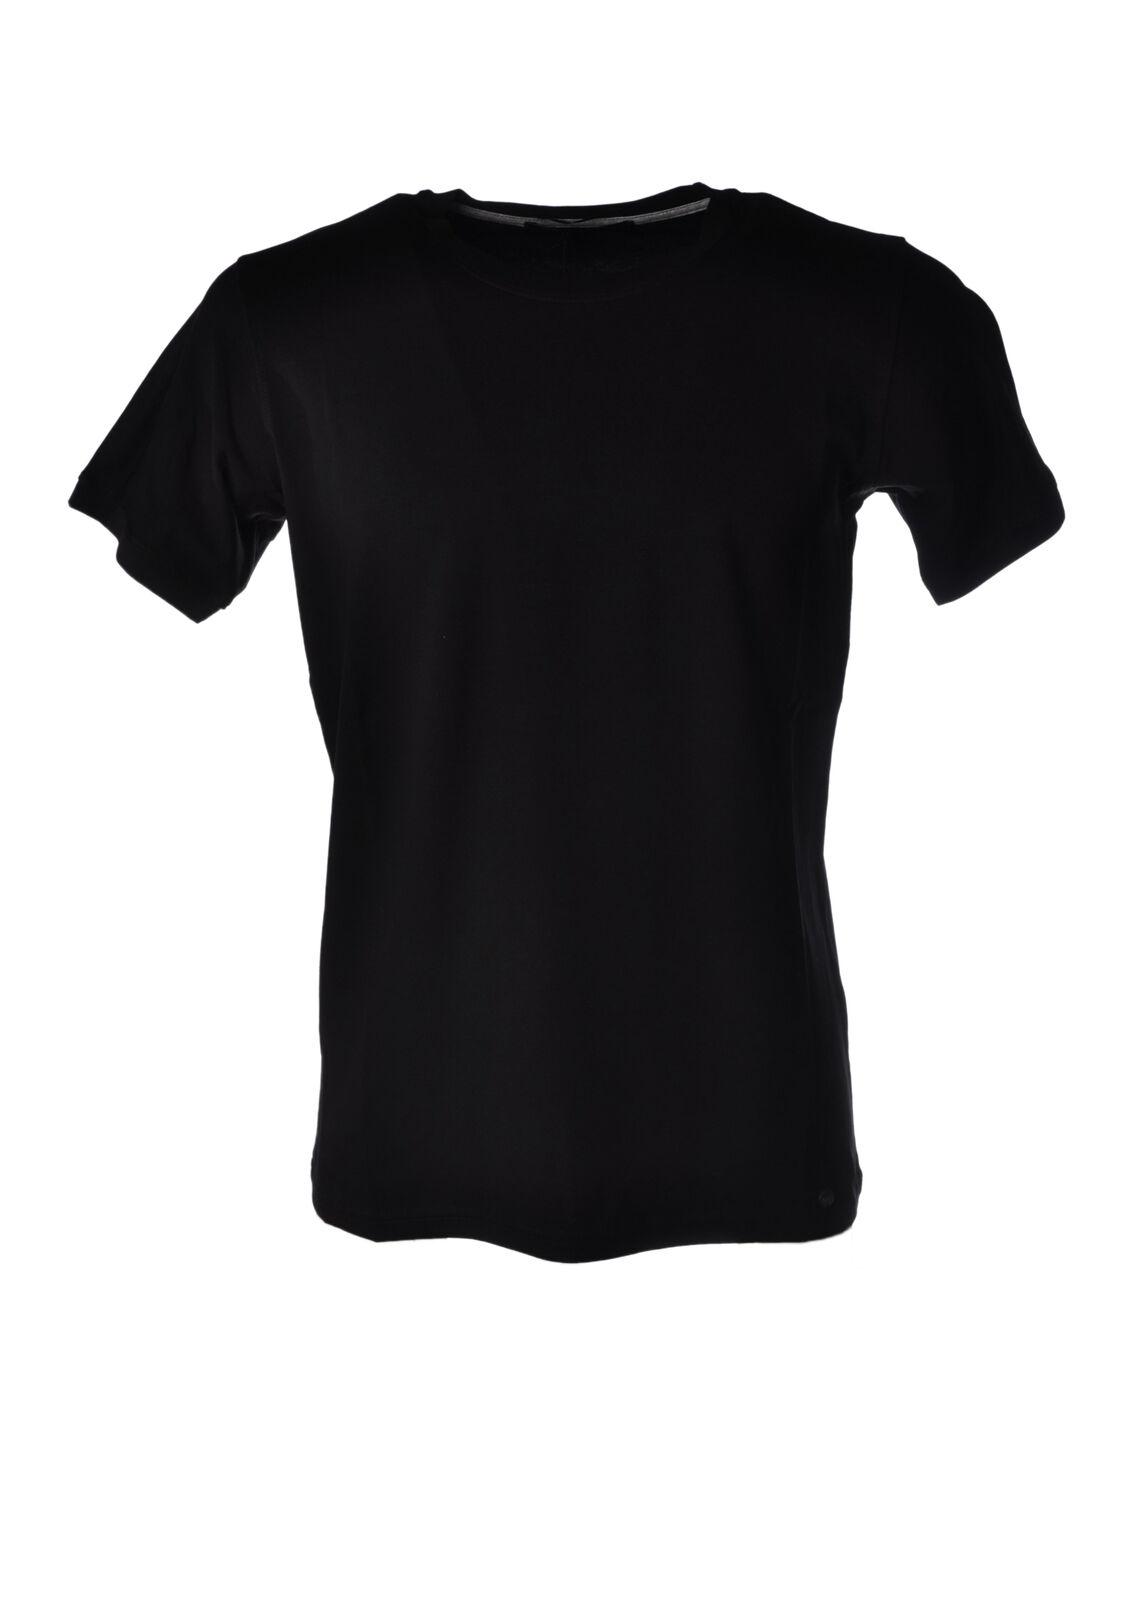 Laboratori Italiani - Topwear-T-shirts - Mann - black - 5017924N183744